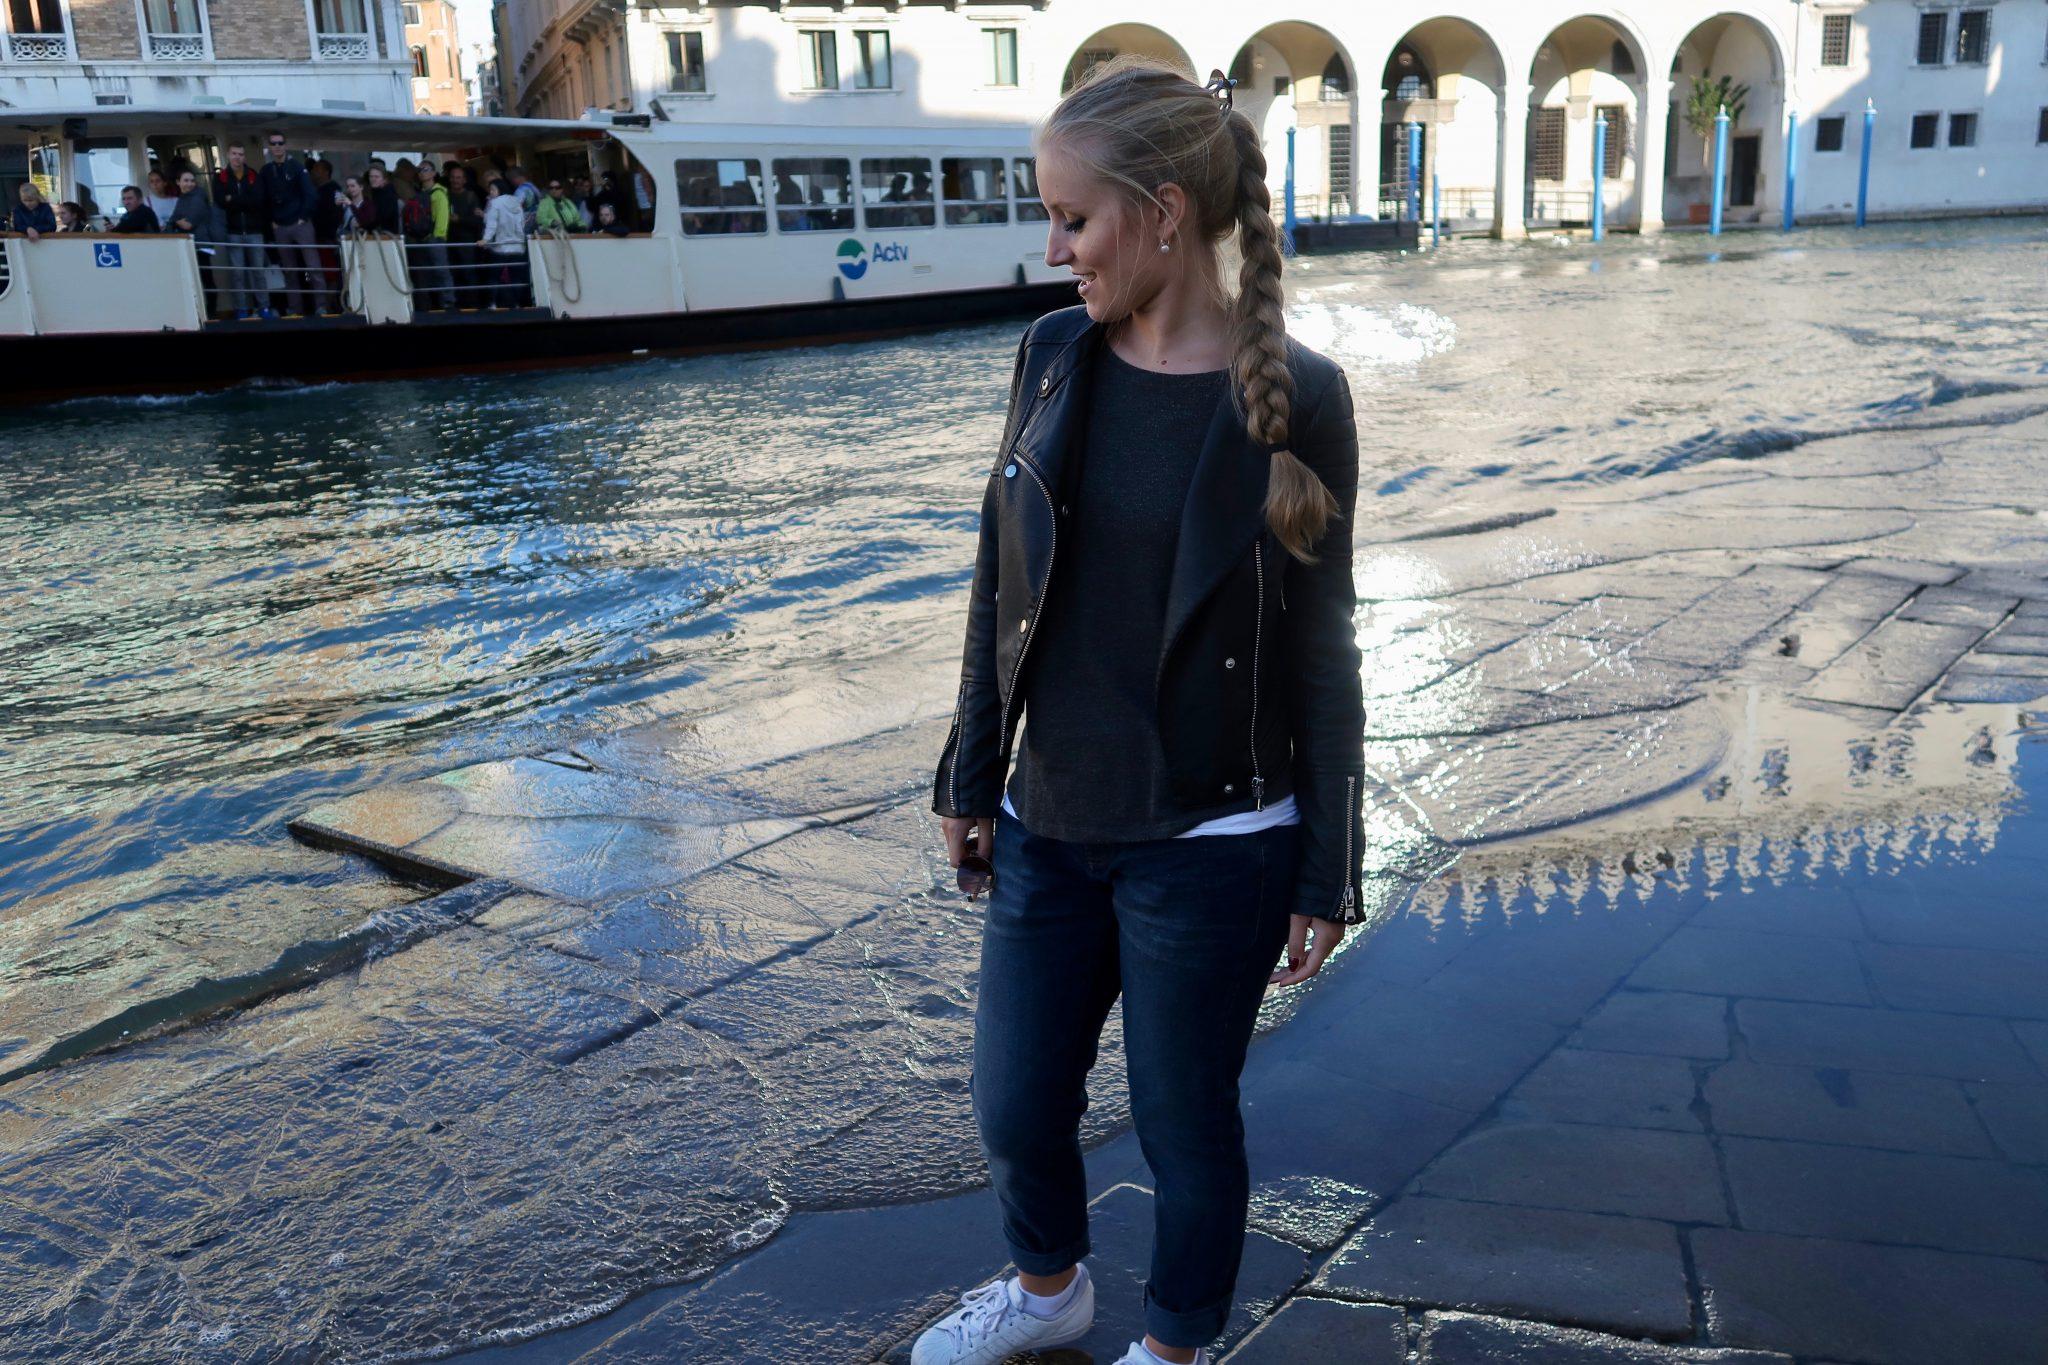 ... und wenn du nicht aufpasst, hast du ganz viel Wasser in den Schuhen. In Venedig kein Kunststück!